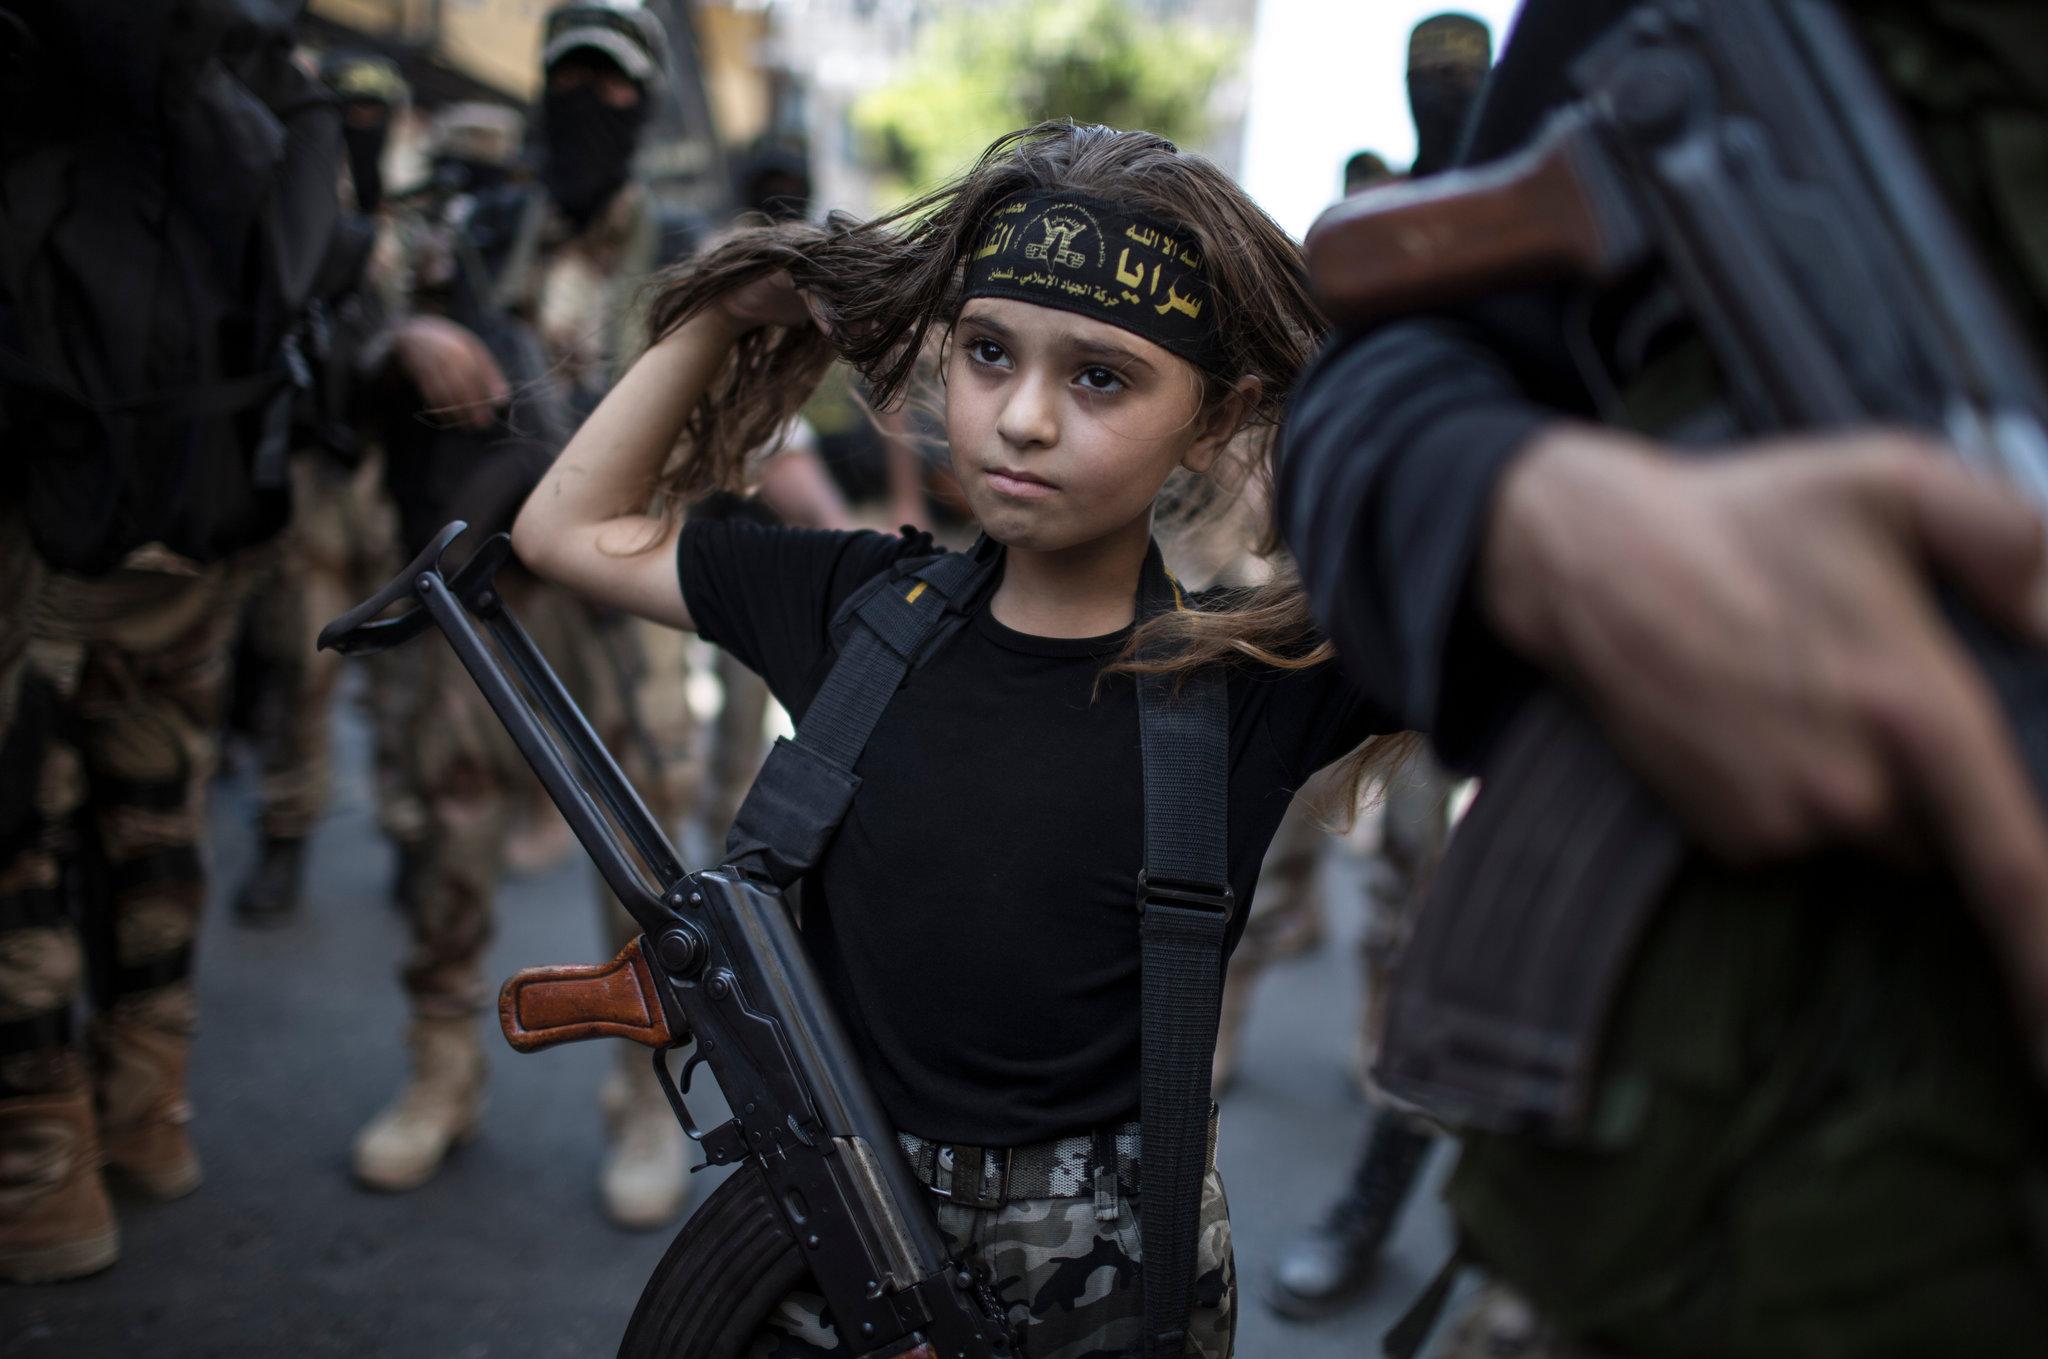 Палестинско девојче со Калашников помеѓу исламистичките џихадисти во Газа